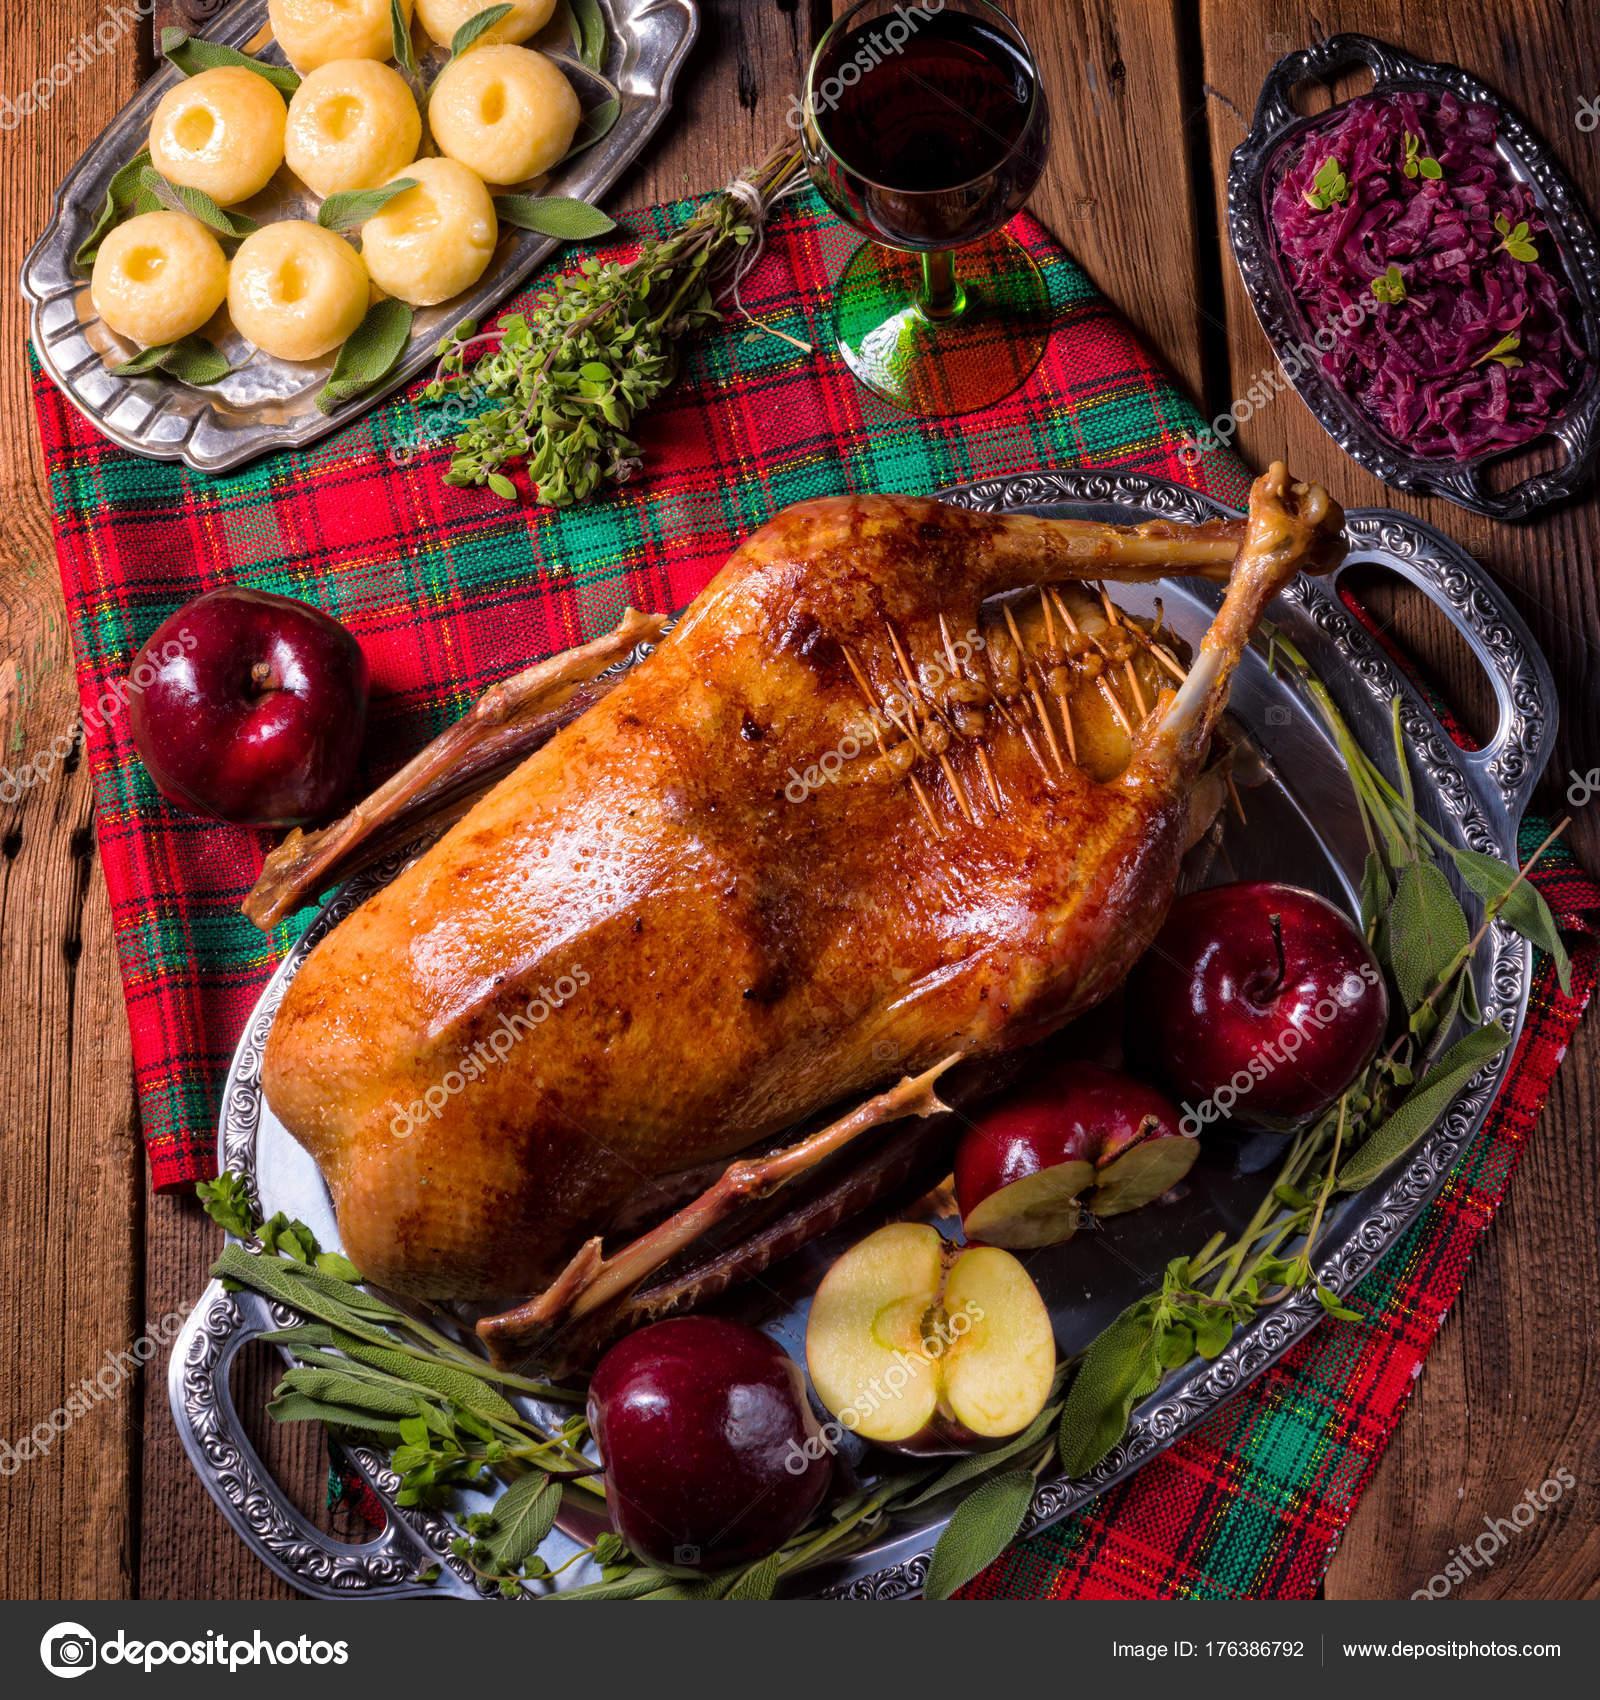 Weihnachten Ente.Köstliche Braten Weihnachten Ente Mit äpfeln Stockfoto Dar19 30